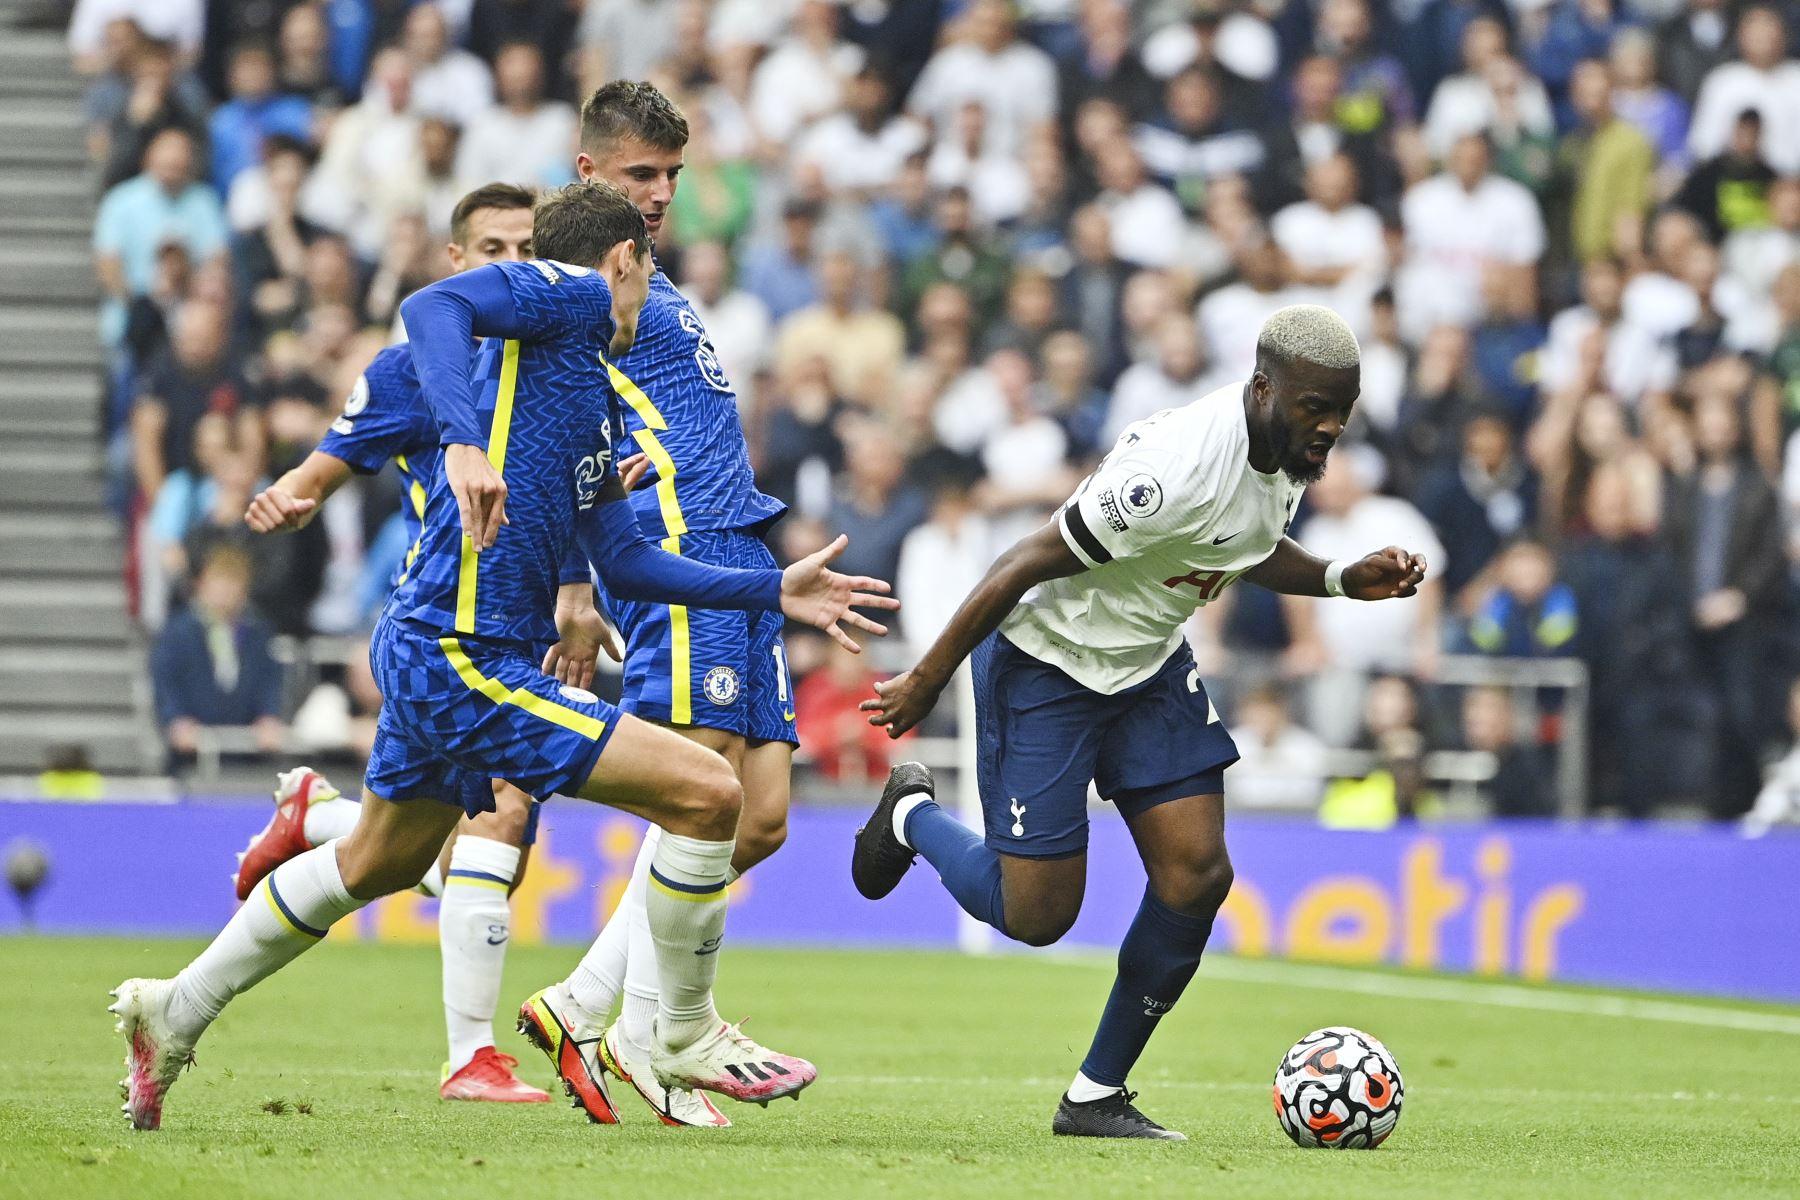 El centrocampista francés del Tottenham Hotspur Tanguy Ndombele corre con el balón durante el partido de la Premier League. Foto: AFP